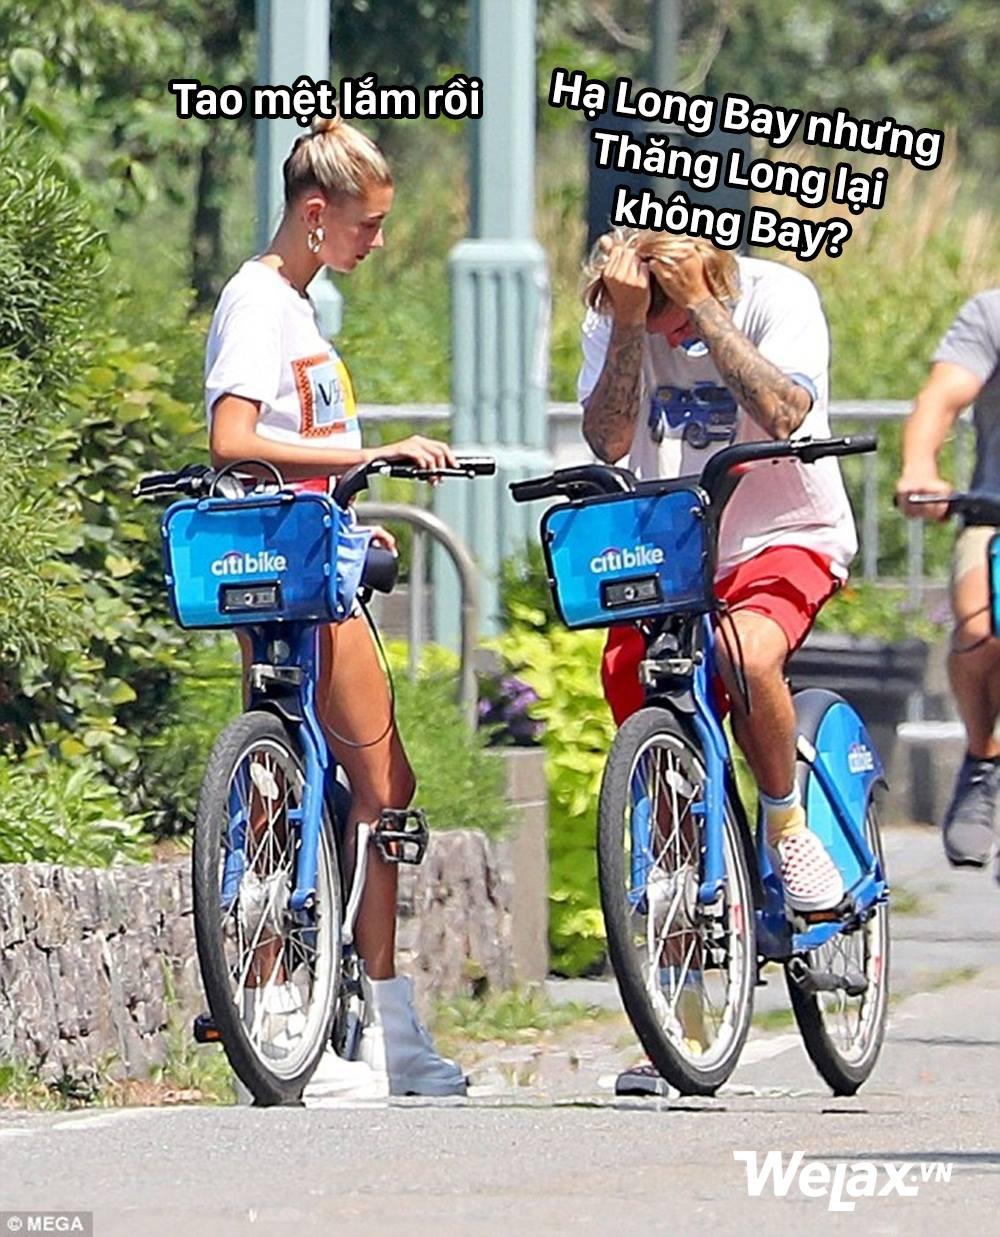 Lâu lâu mới khóc giữa đường, cư dân mạng tặng ngay cho Justin Bieber nguyên chùm ảnh chế - Ảnh 13.